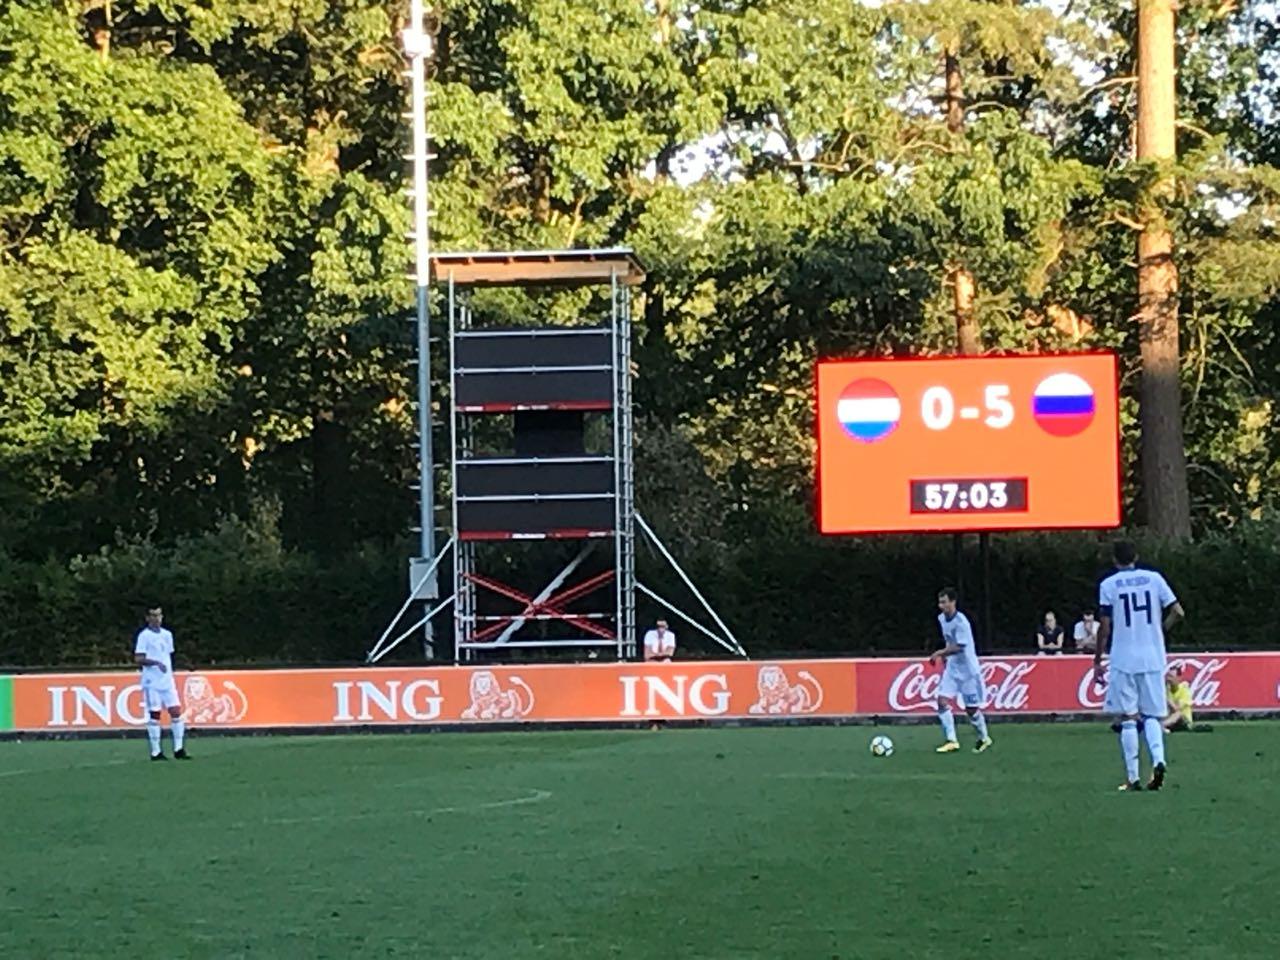 Сборная команда России в полуфинале чемпионата Европы по футболу 7х7 спорта лиц с заболеванием ЦП нанесла поражение сборной Нидерландов со счетом 5-0